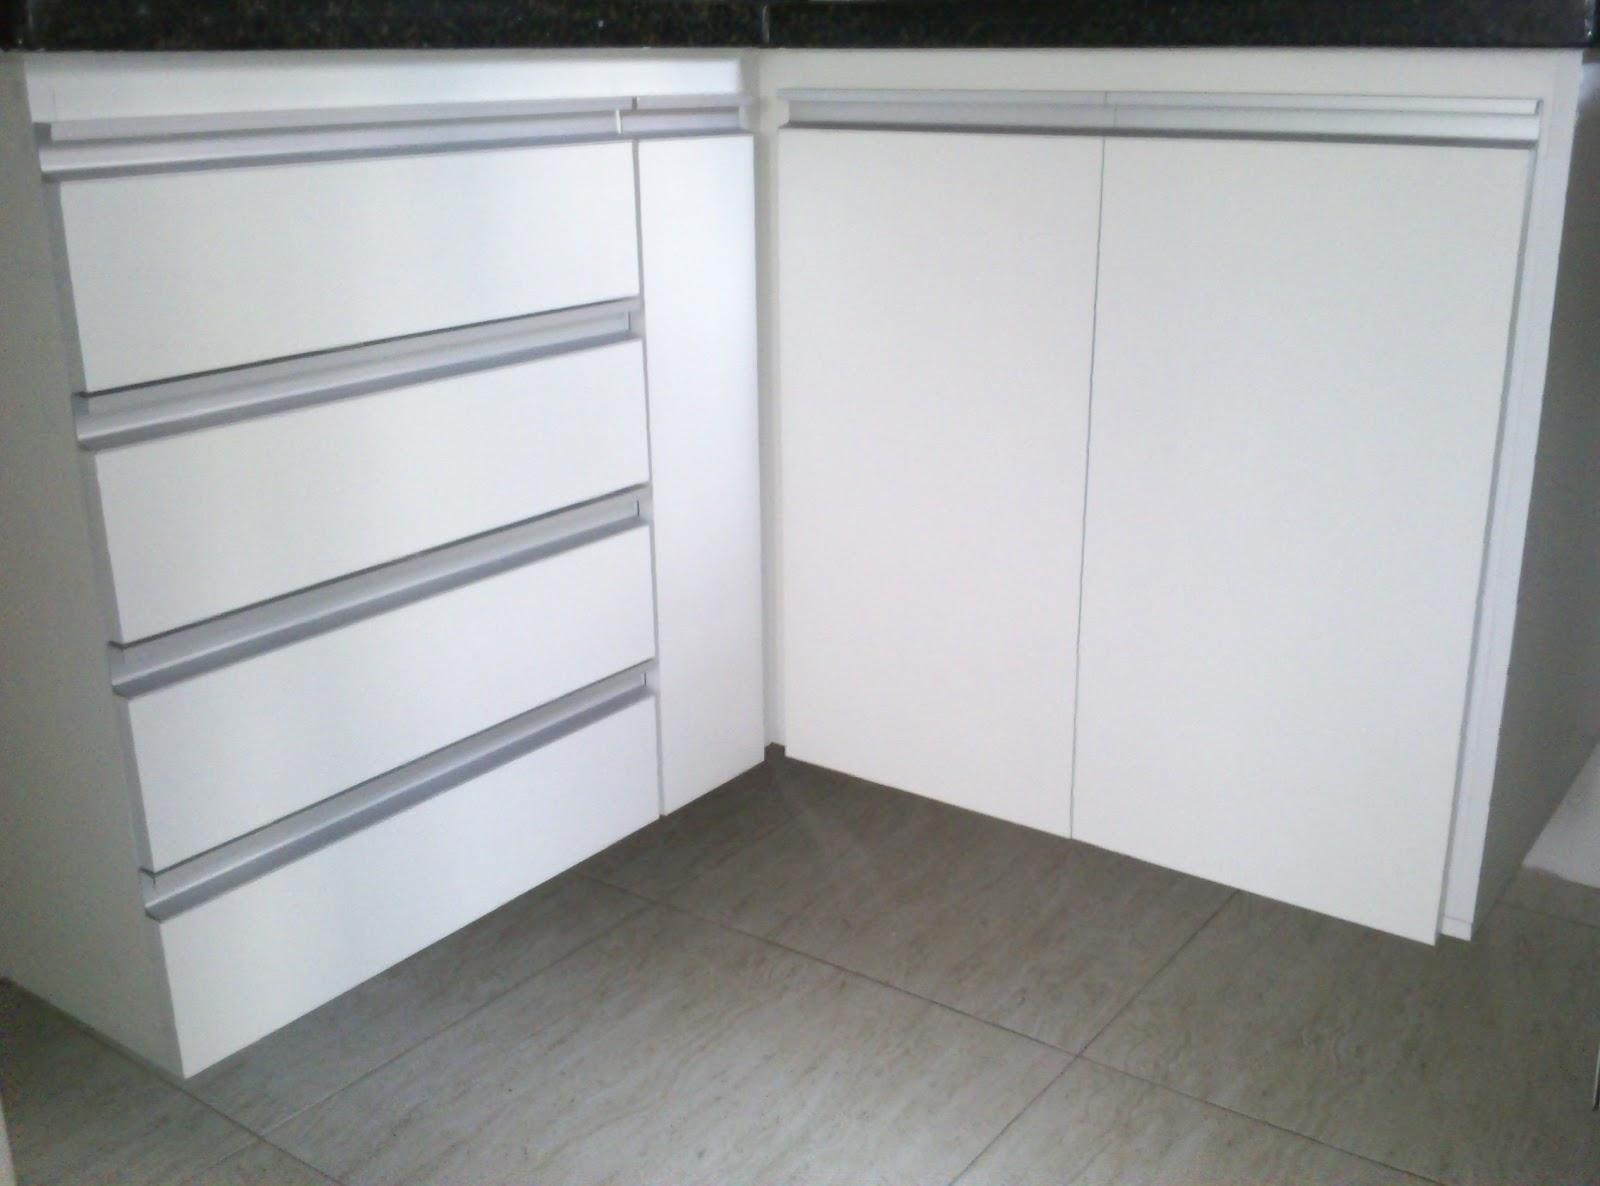 Lopes arm rios planejados arm rio de cozinha padr o branco puxadores em perfil de - Perfiles de aluminio para armarios ...